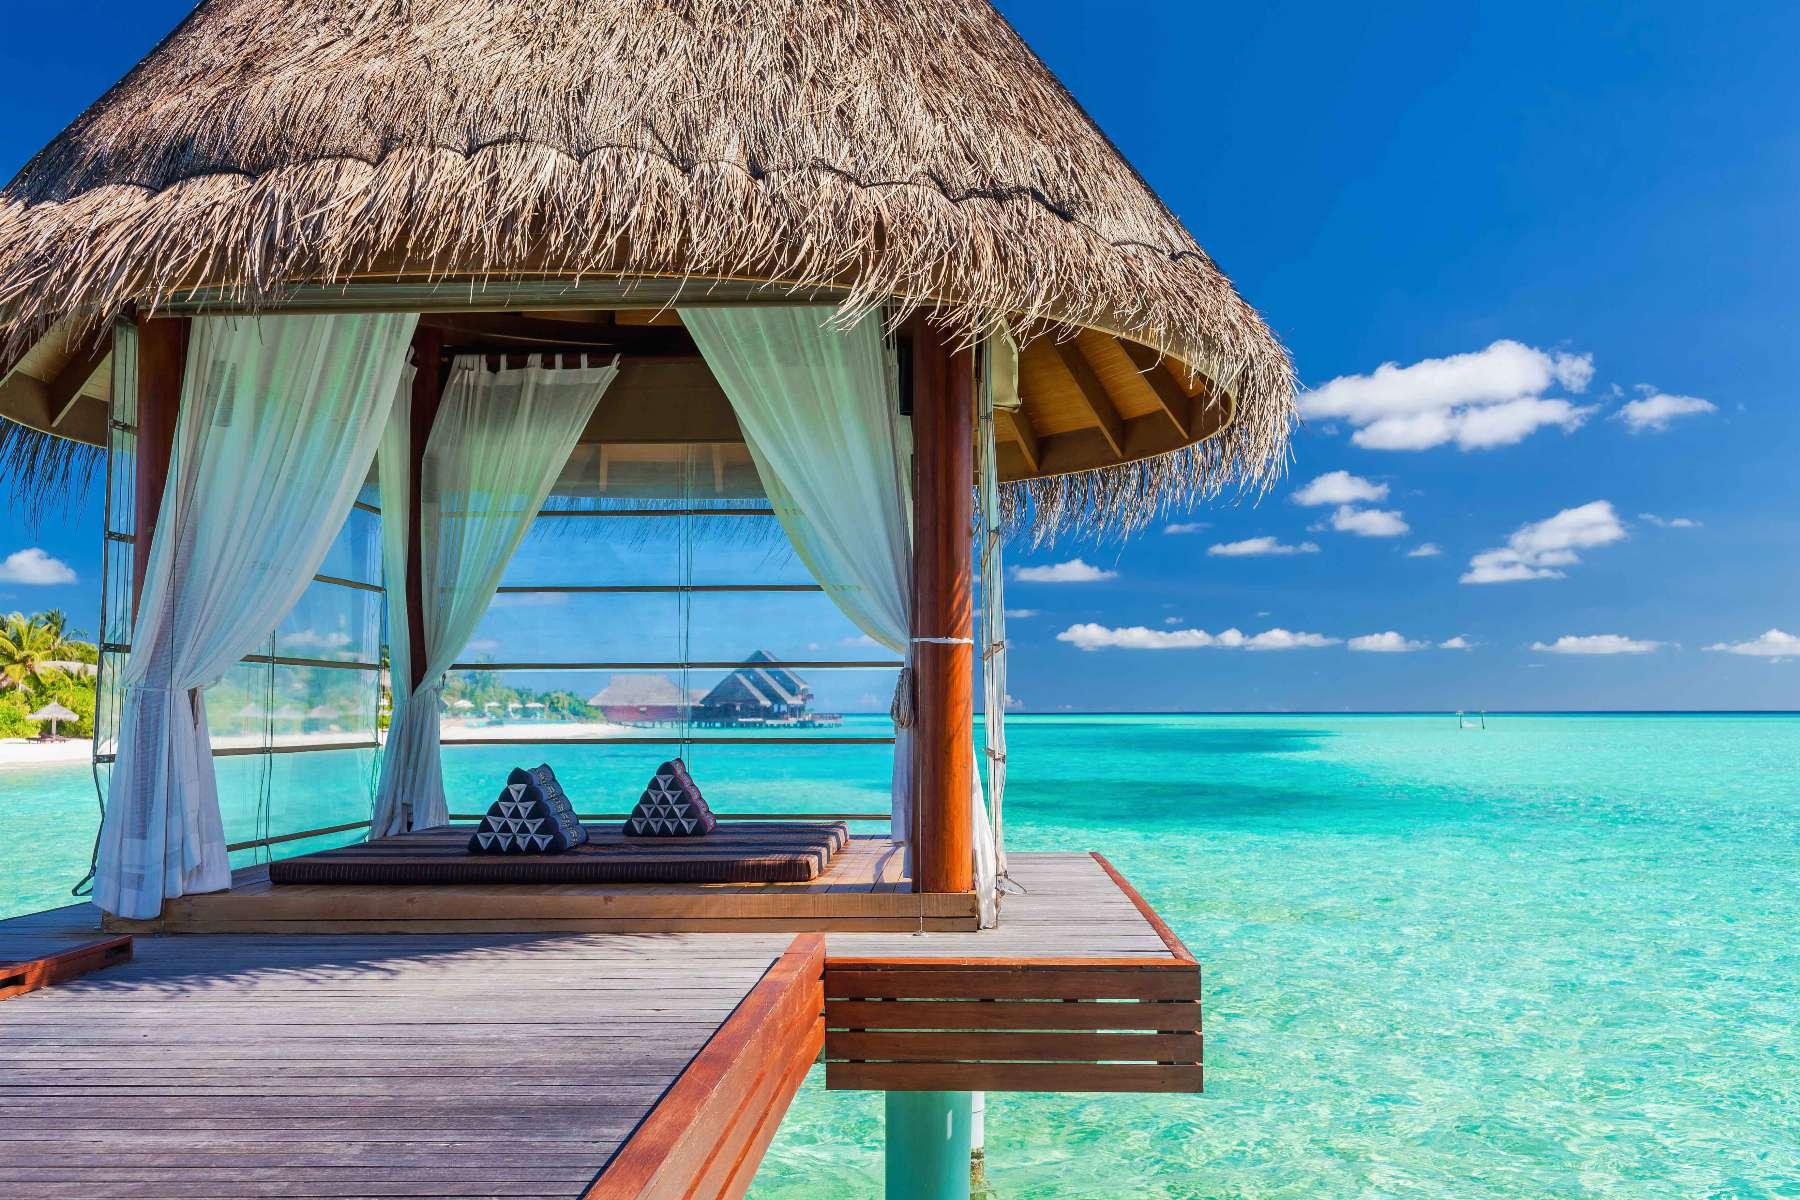 Ss Maldives